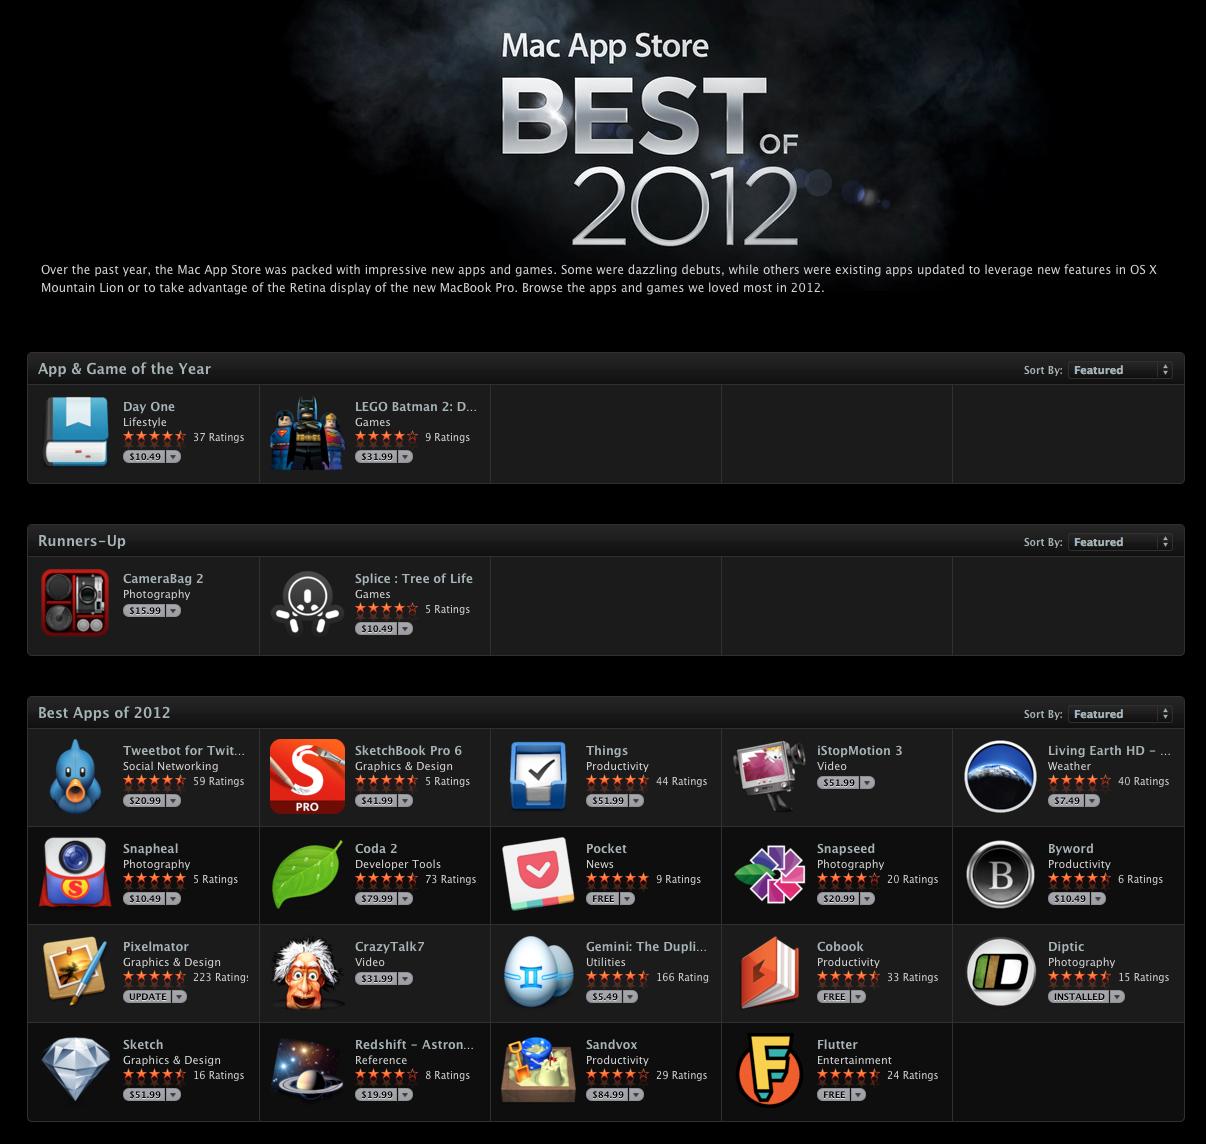 applegoss com - Apple releases the Mac App Store's Best of 2012